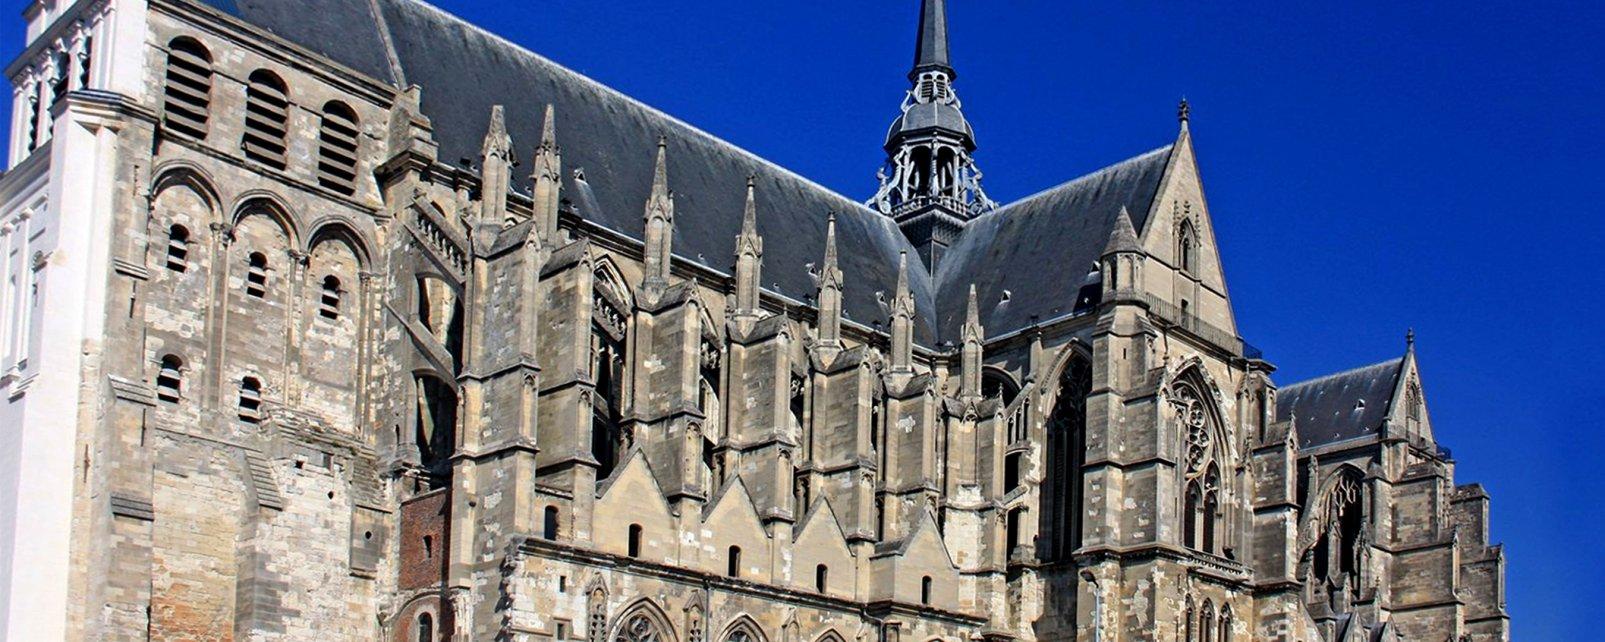 , Basílica de San Quintín, Los monumentos, Picardía